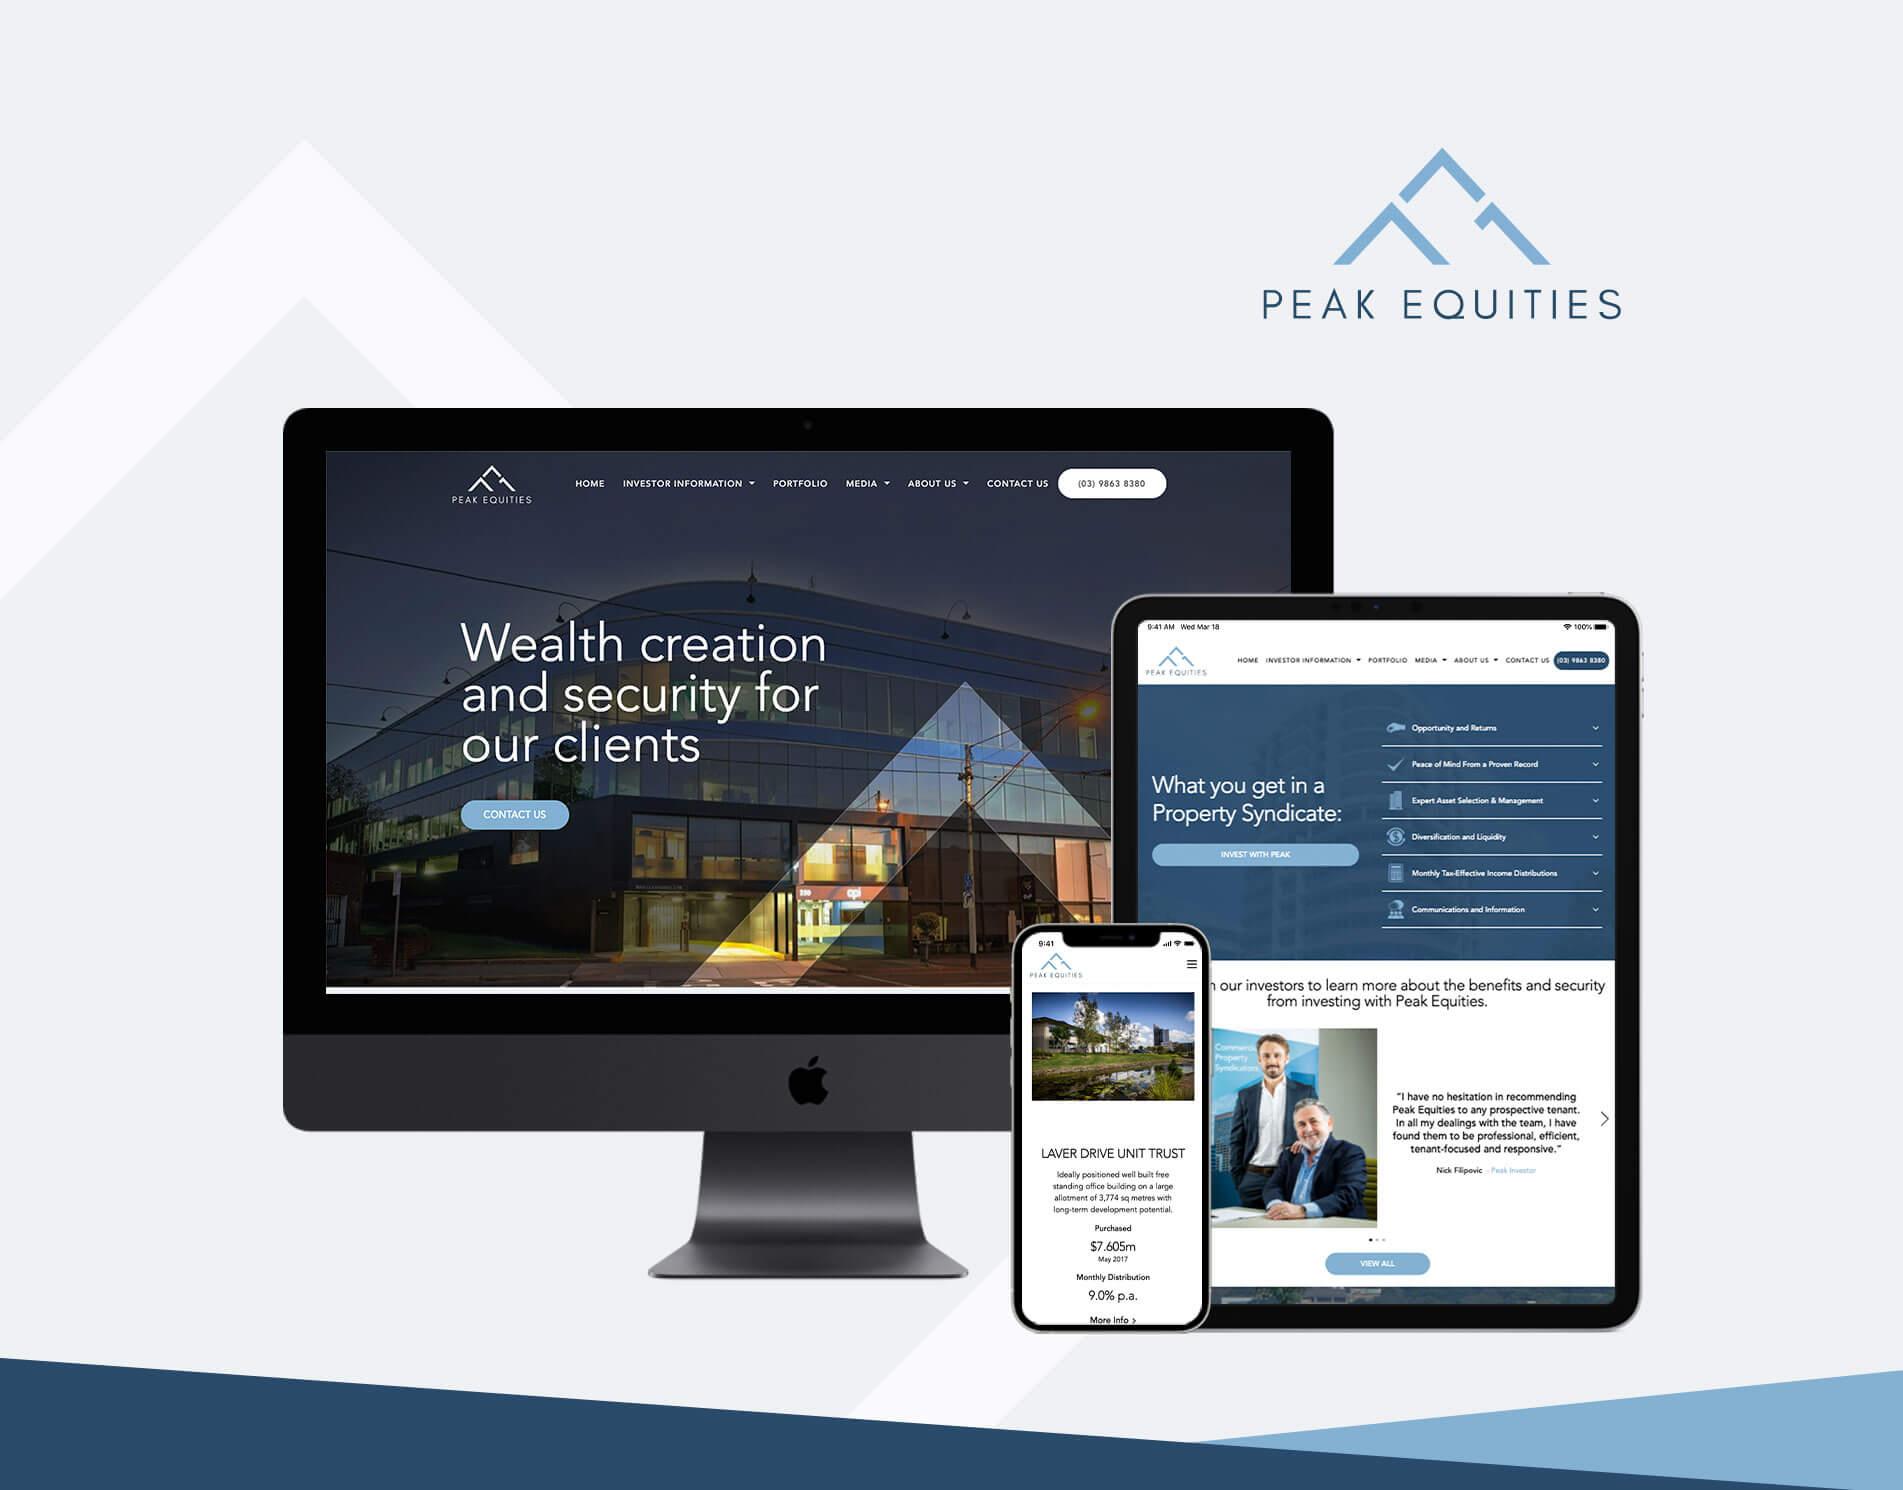 Peak Equities